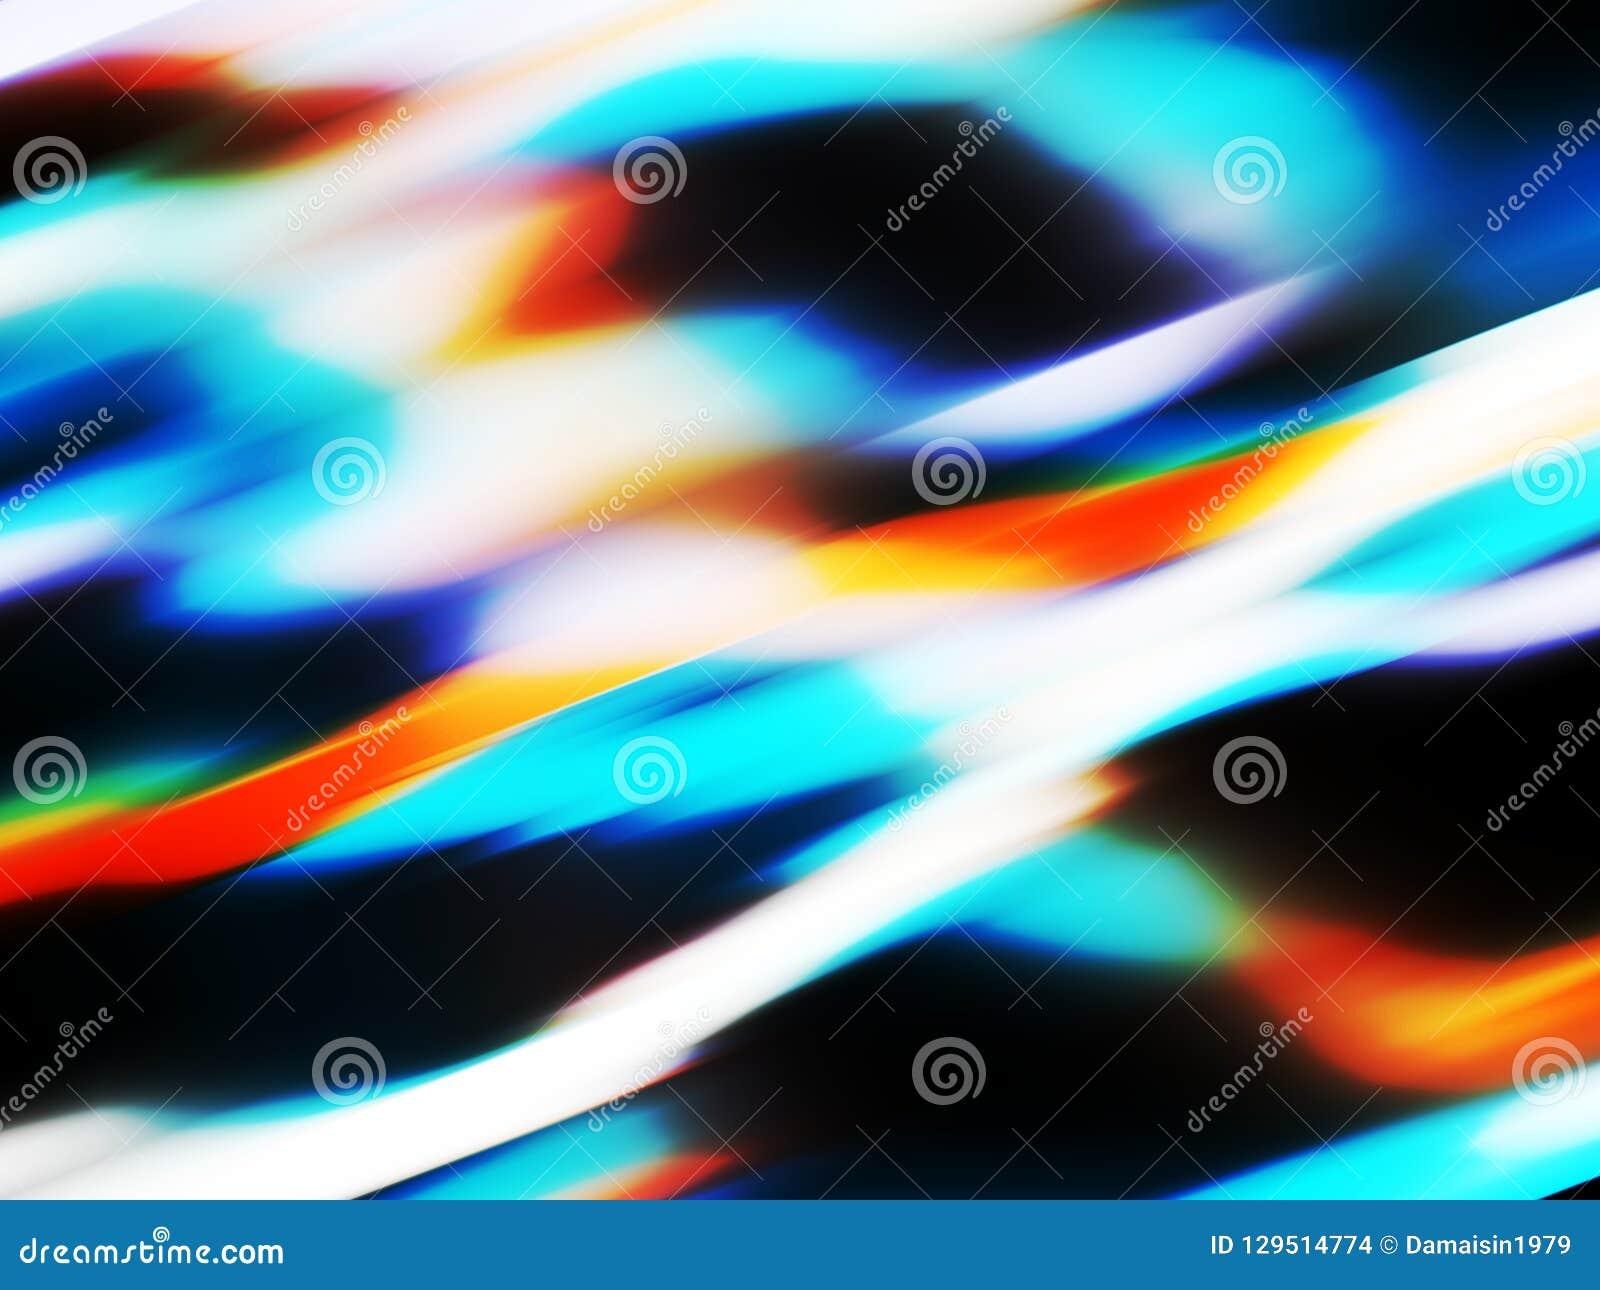 Fondo azul marino vivo elegante de las luces anaranjadas, gráficos, fondo abstracto y textura